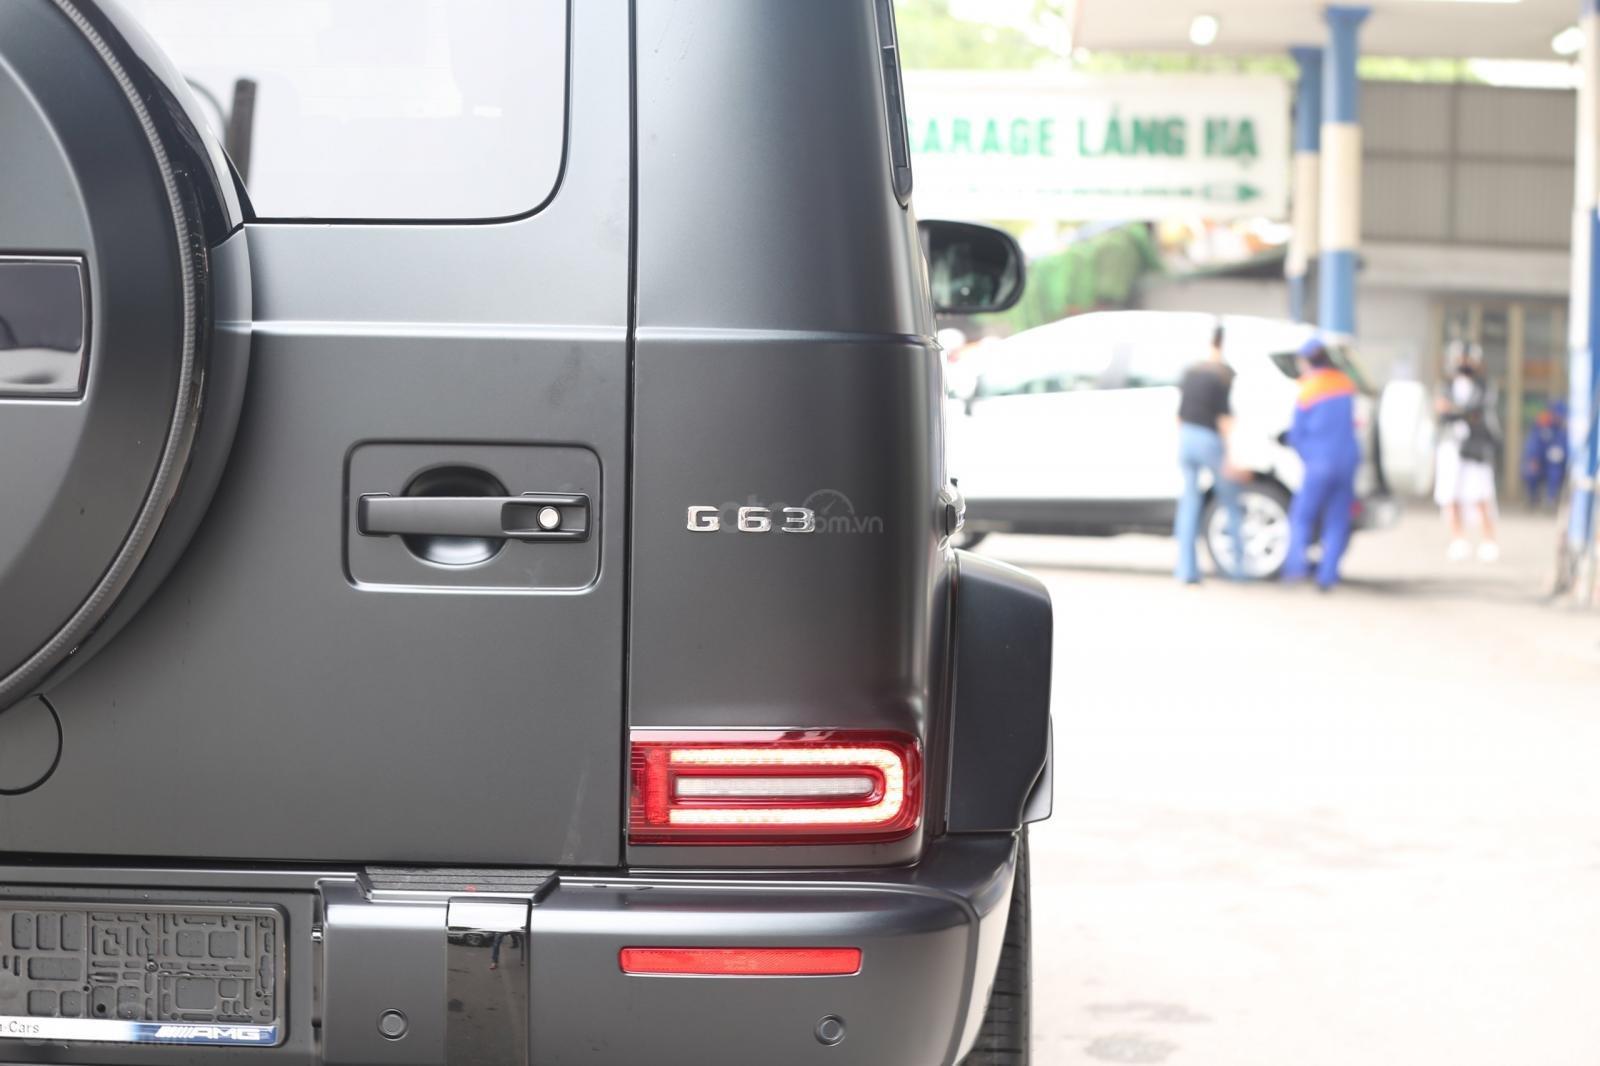 Cần bán Mercedes G63 AMG Edition 1 năm 2019, màu đen, xe nhập (7)